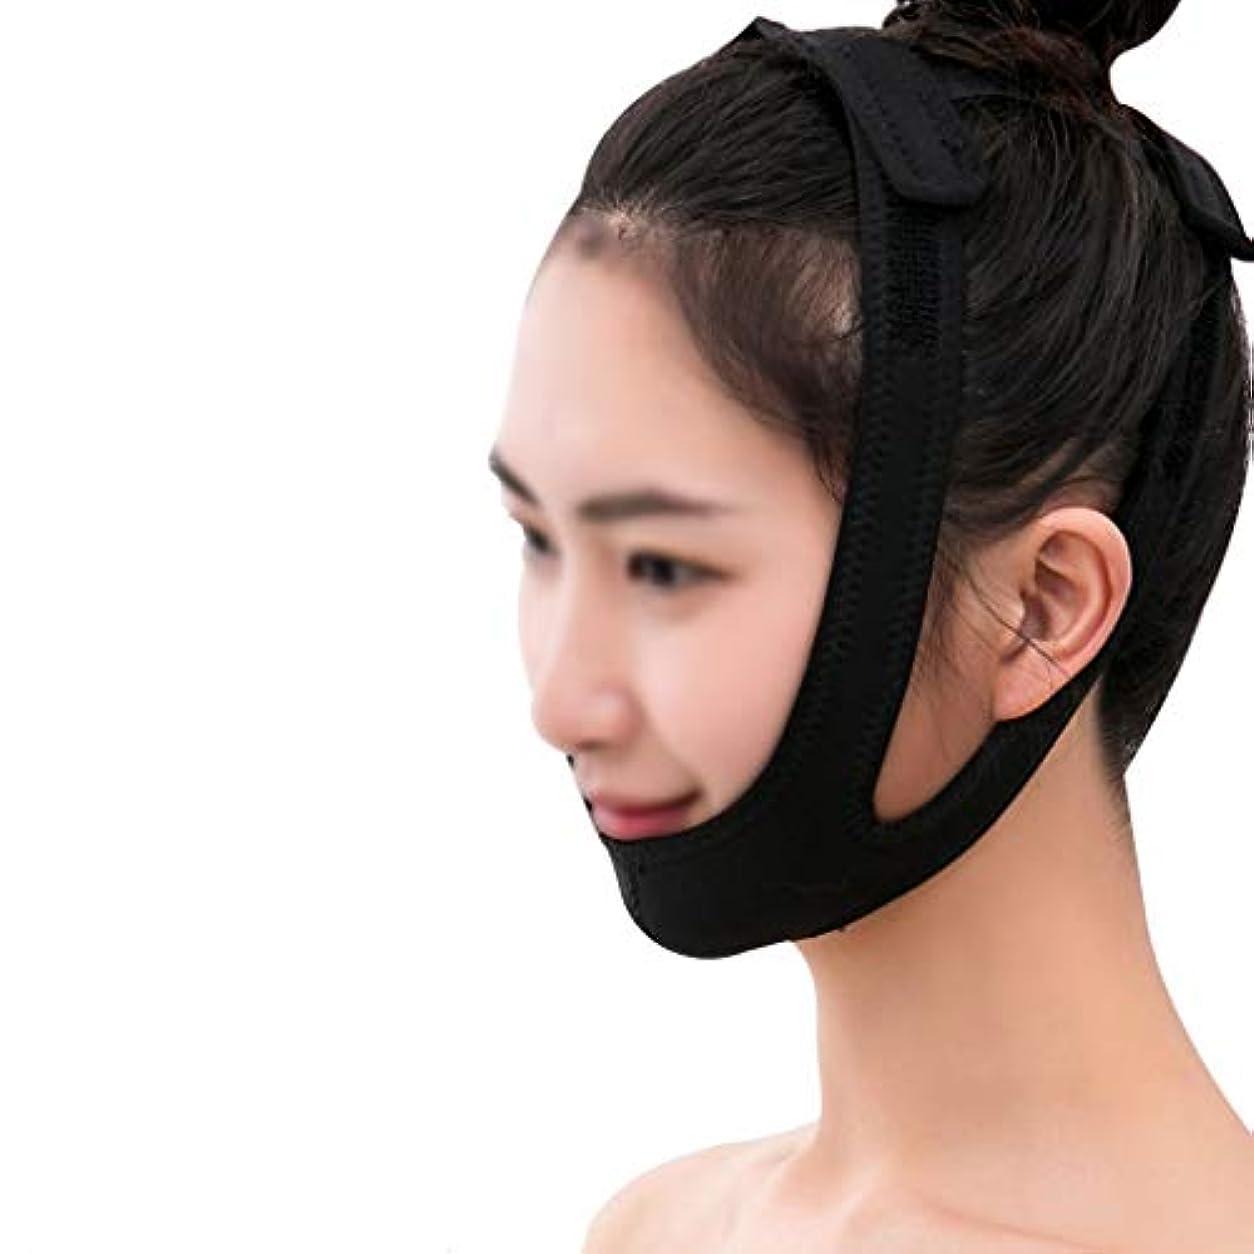 非武装化リビジョン証人フェイシャルリフティングマスク、医療用ワイヤーカービングリカバリーヘッドギアVフェイス包帯ダブルチンフェイスリフトマスク